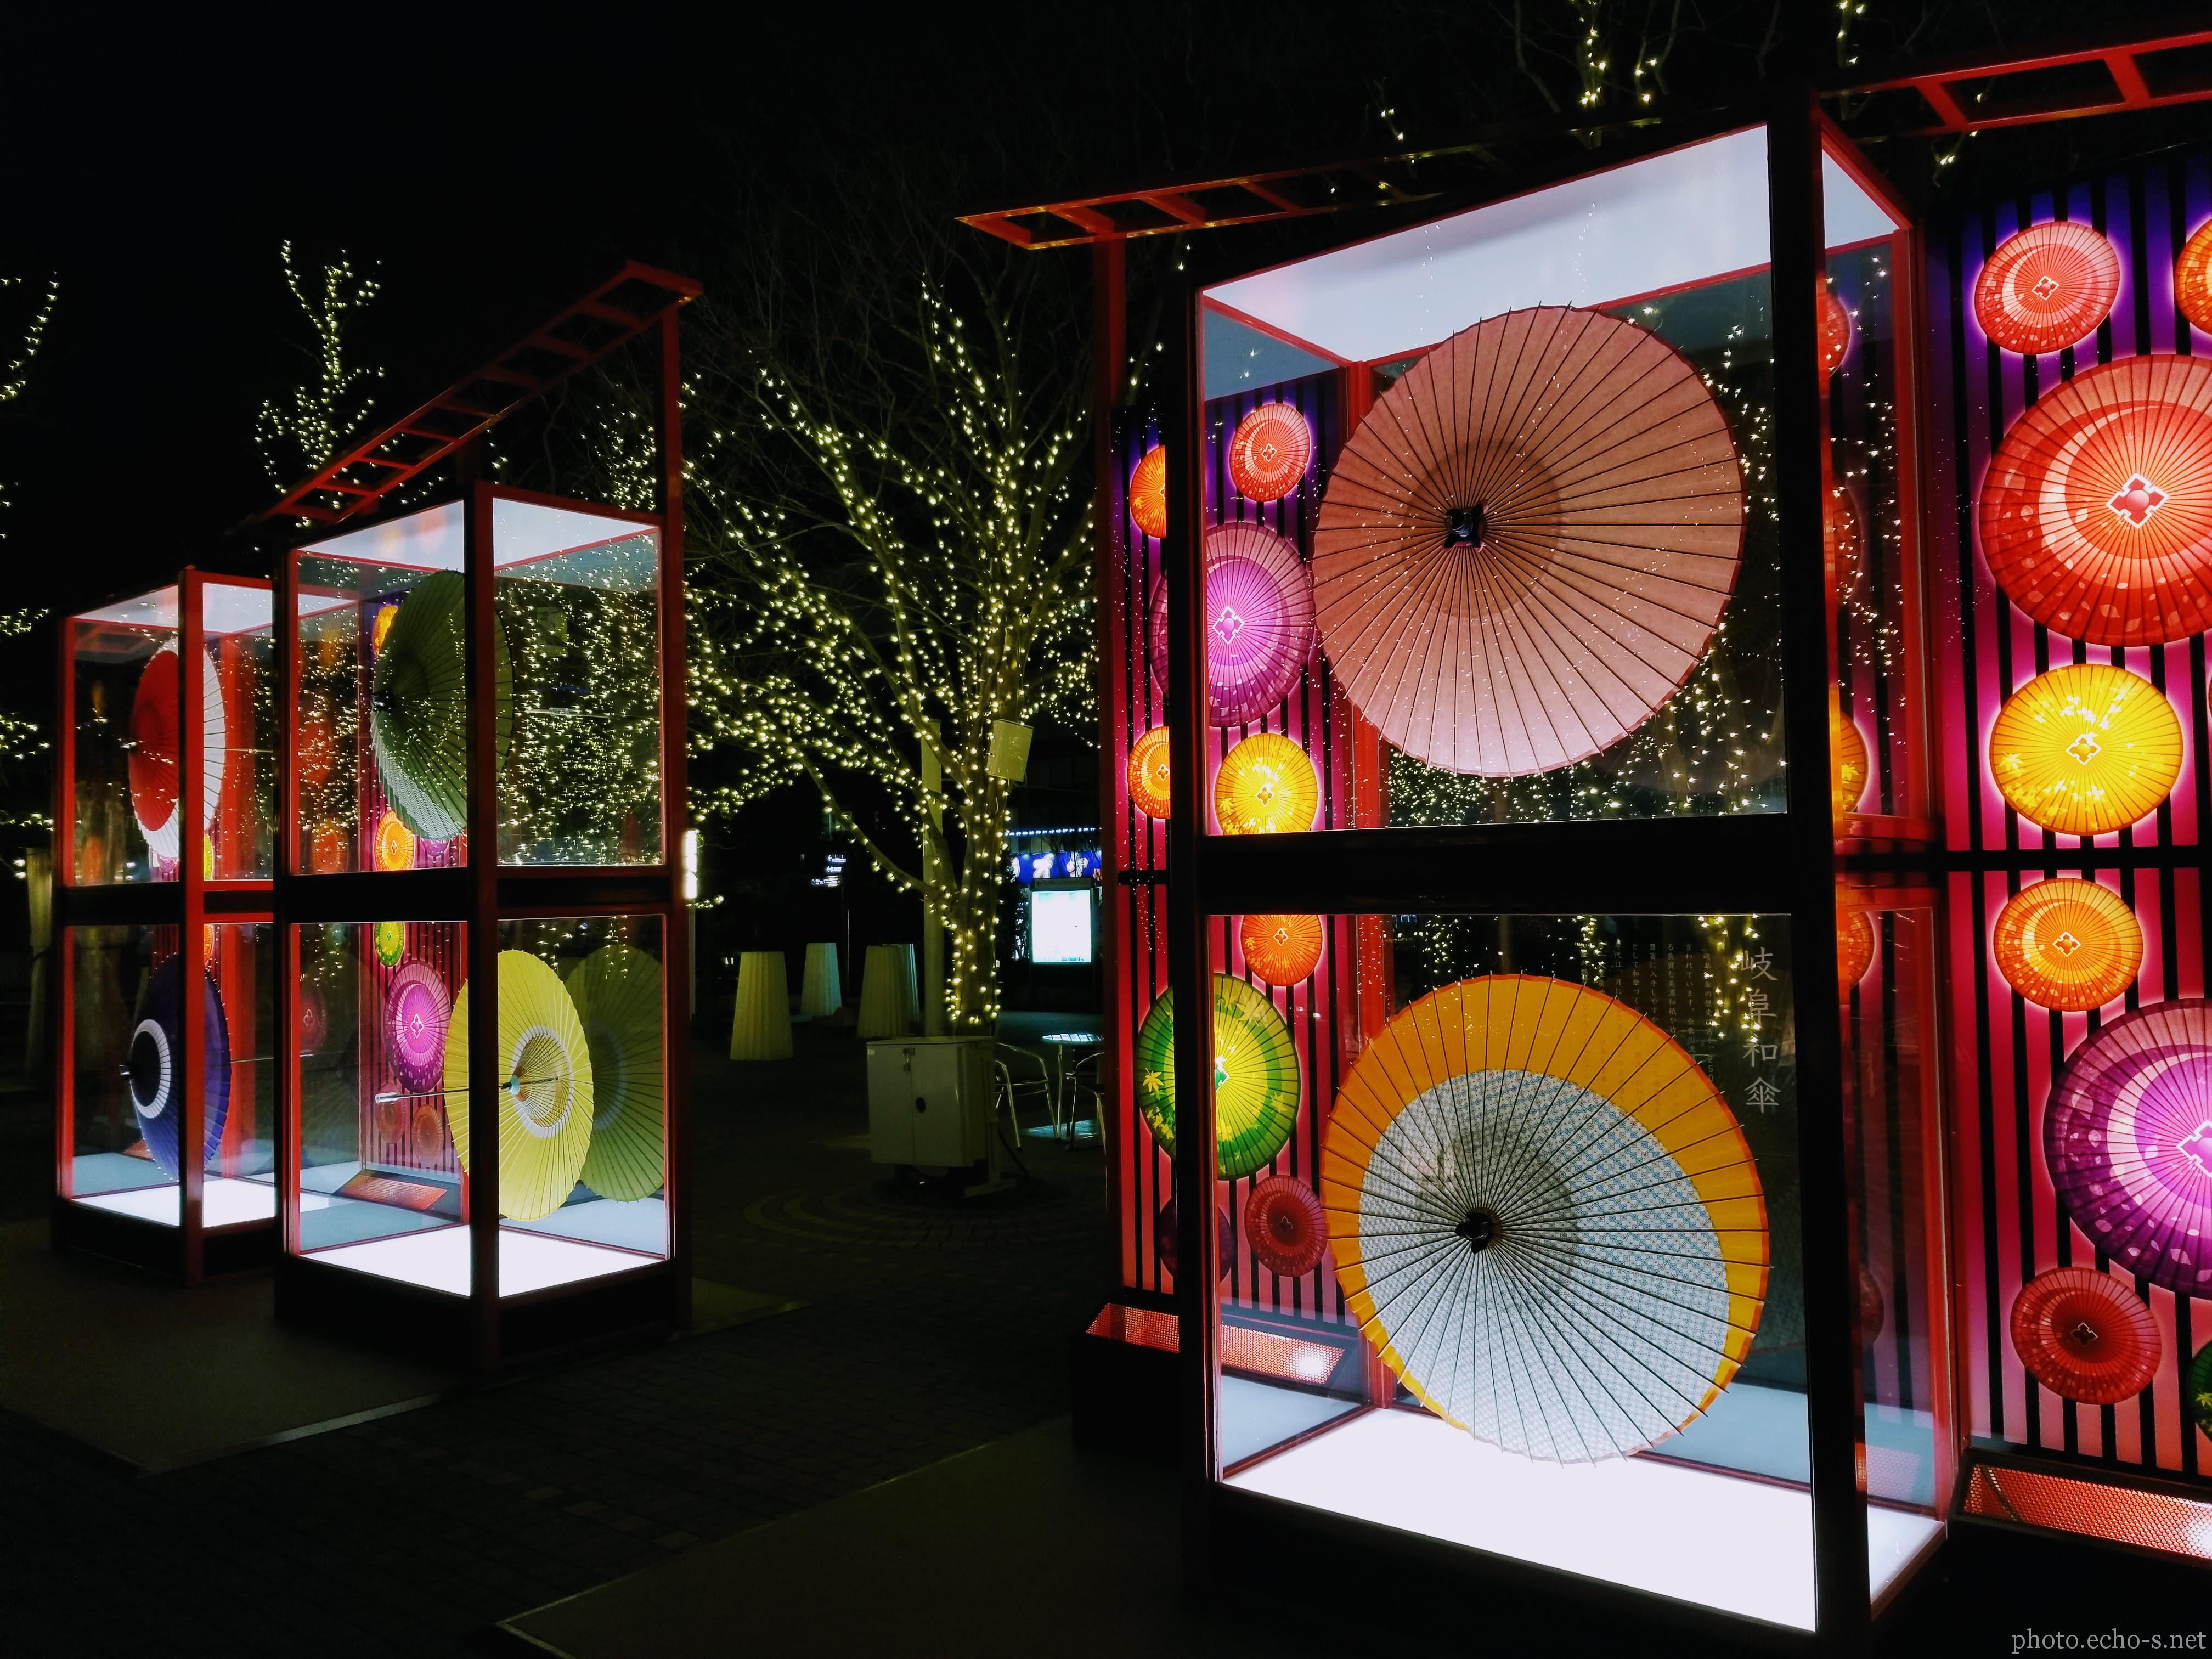 東京都 文京区 東京ドームシティ ラクーア ミーツポートエリア 和傘の玉手箱